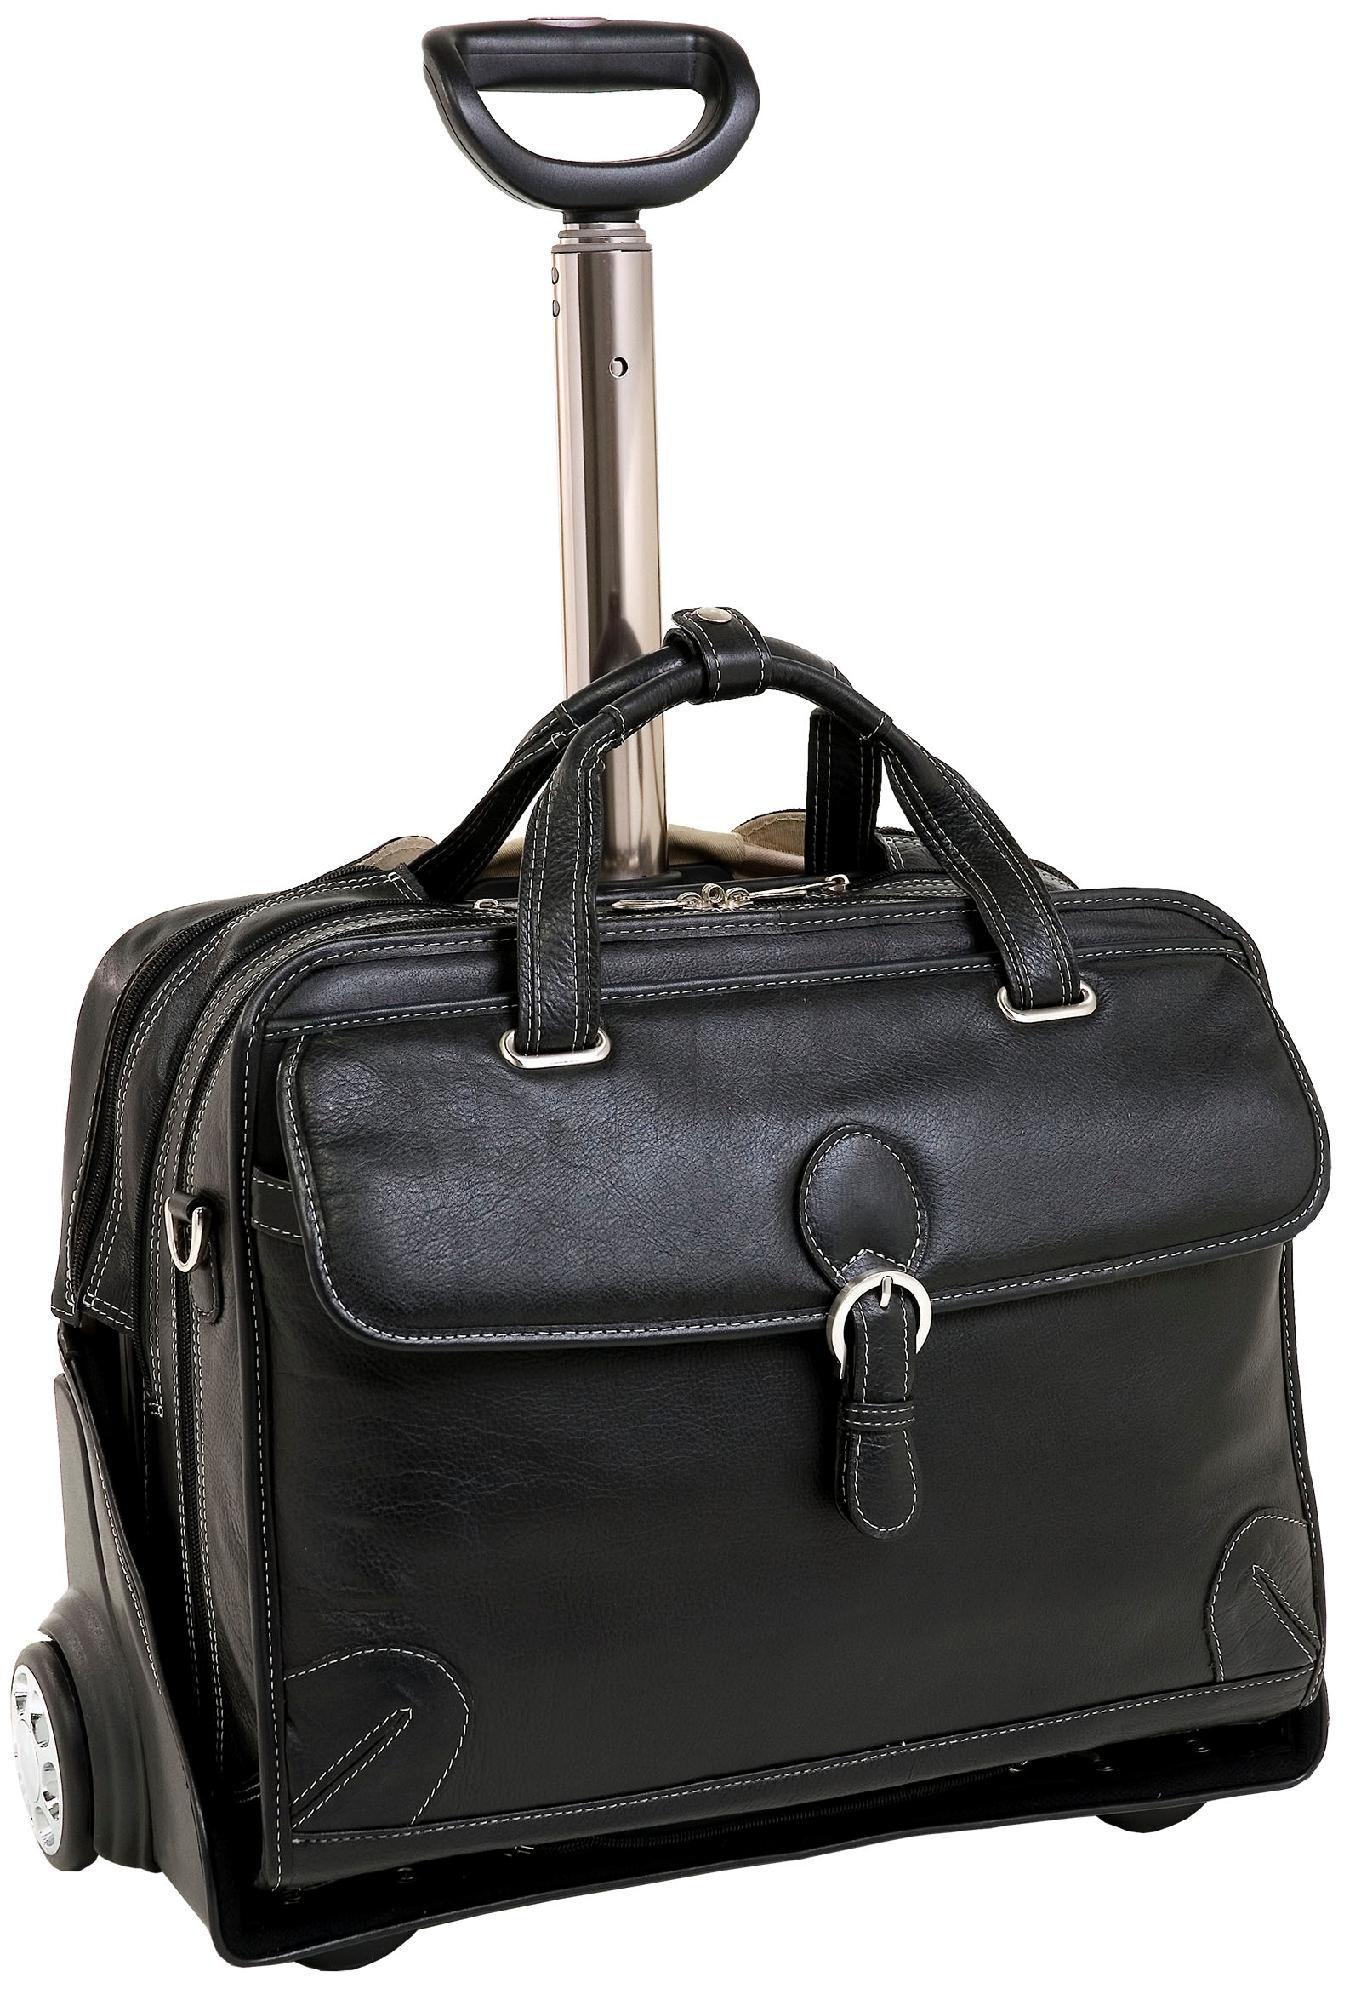 CARUGETTO 45295 Black Leather